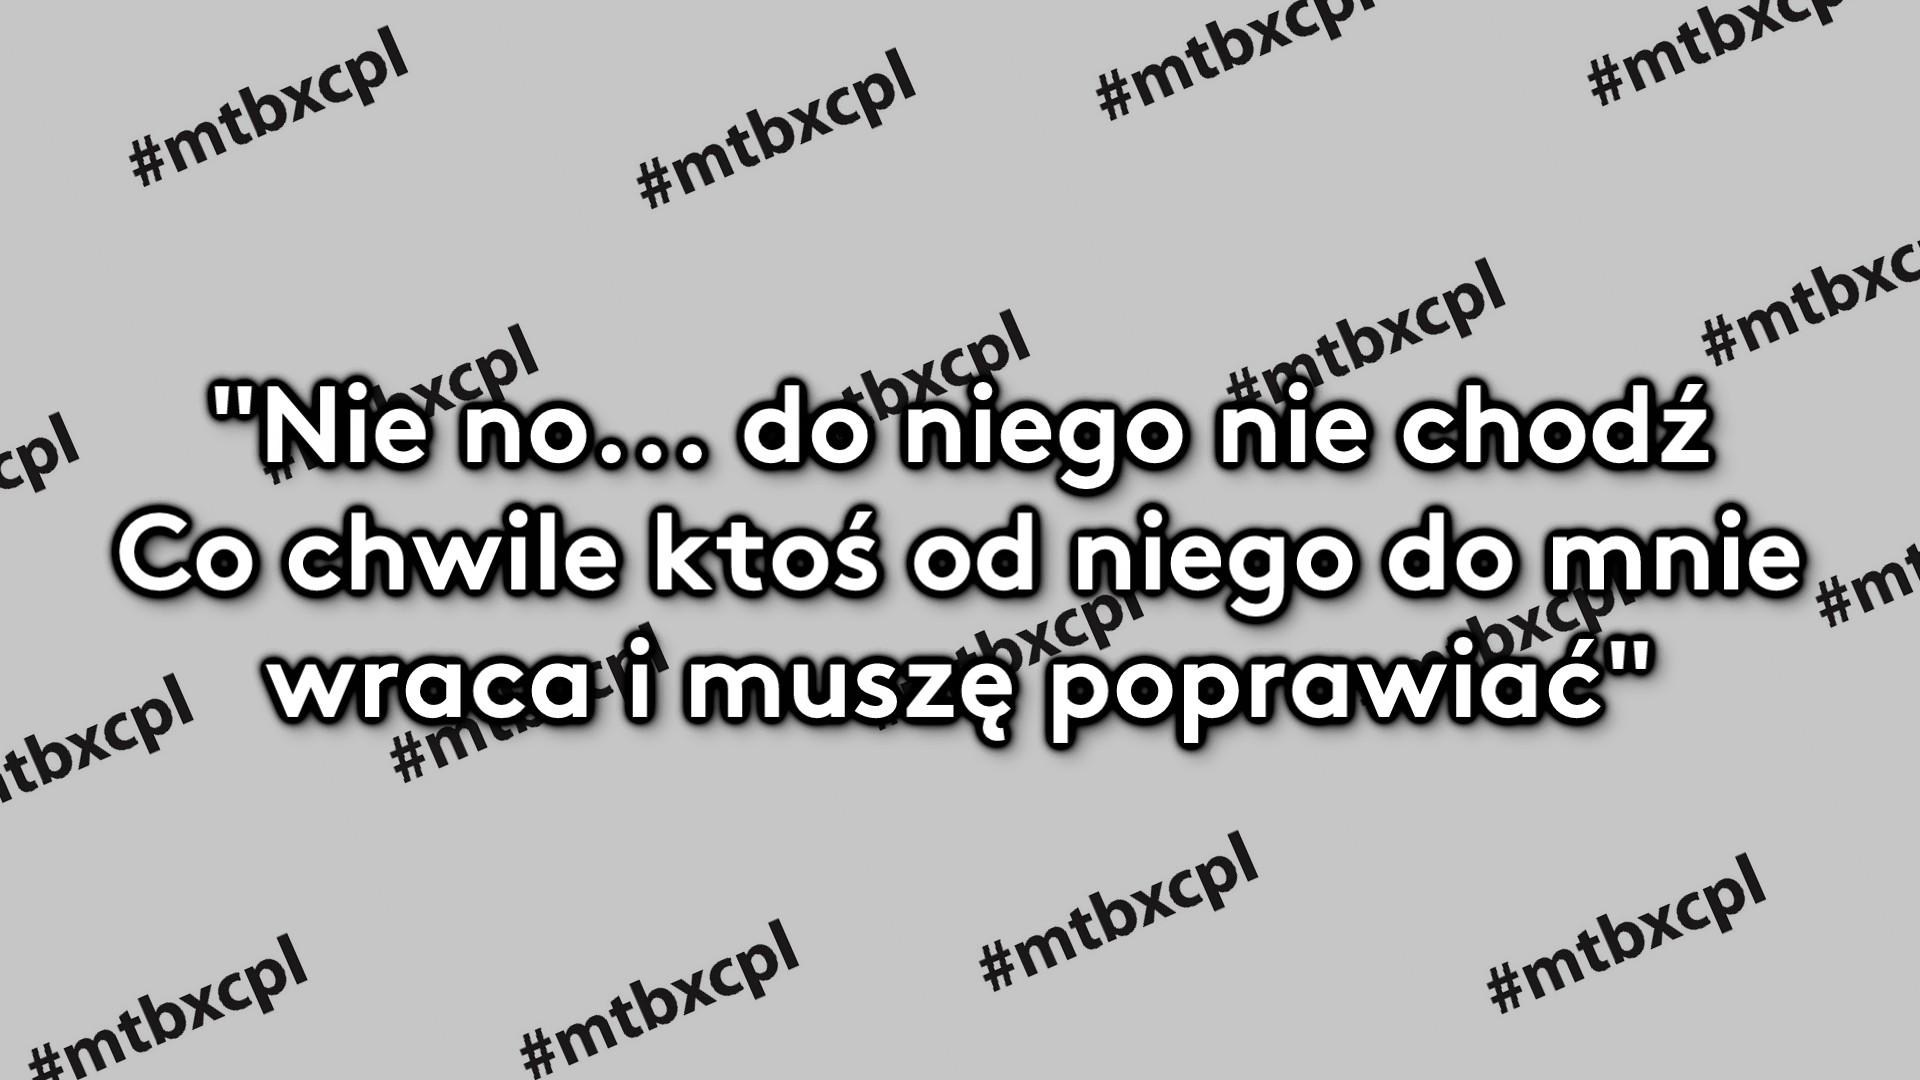 tekst mtbxcpl_000003